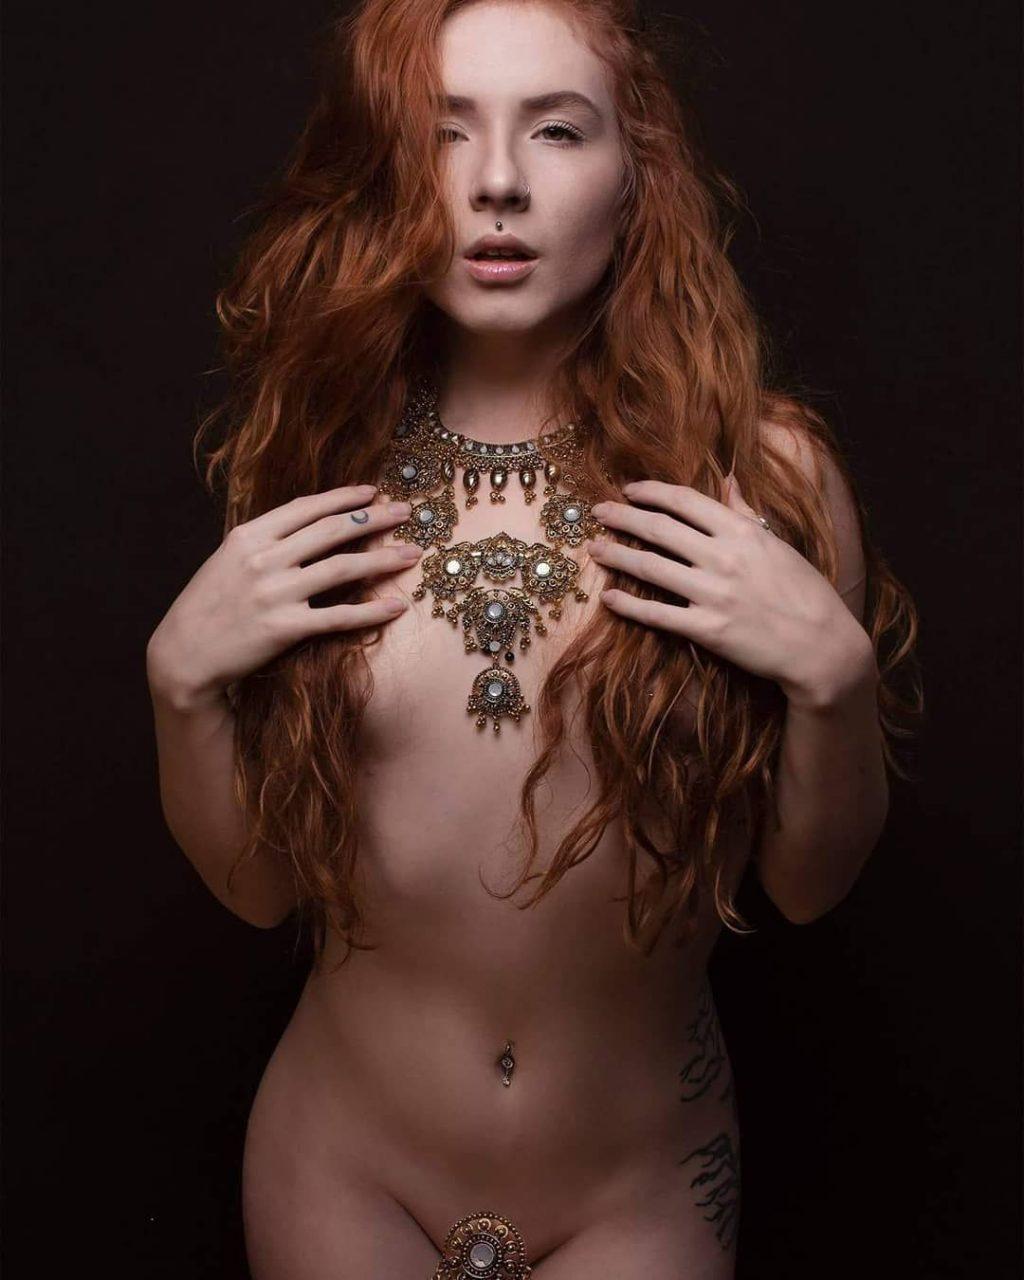 Bikini Lilith Jenovax nude (84 foto and video), Tits, Paparazzi, Twitter, swimsuit 2019